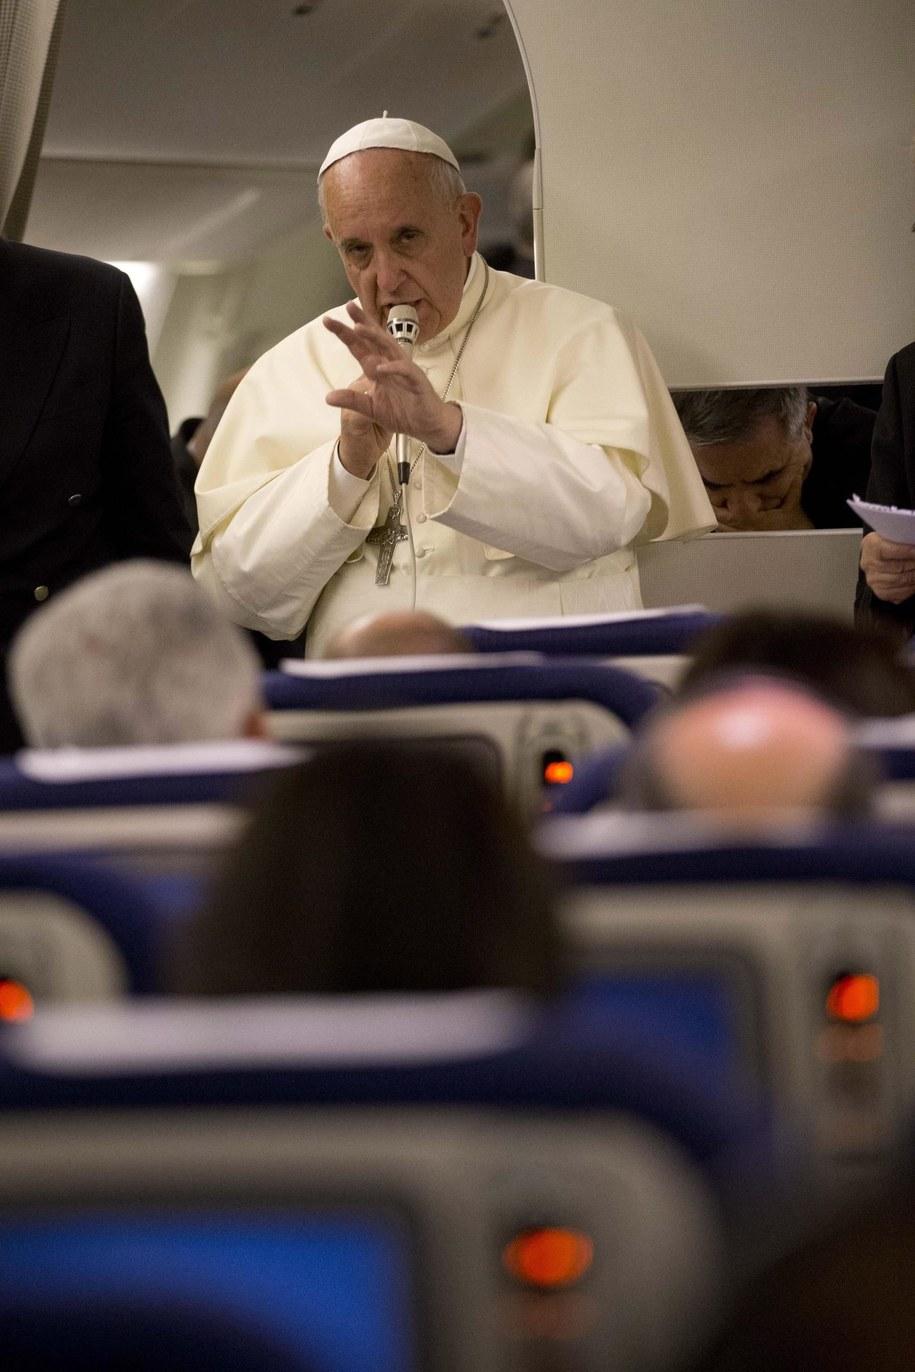 Franciszek rozmawia z dziennikarzami na pokładzie samolotu /ANDREW MEDICHINI/POOL /PAP/EPA